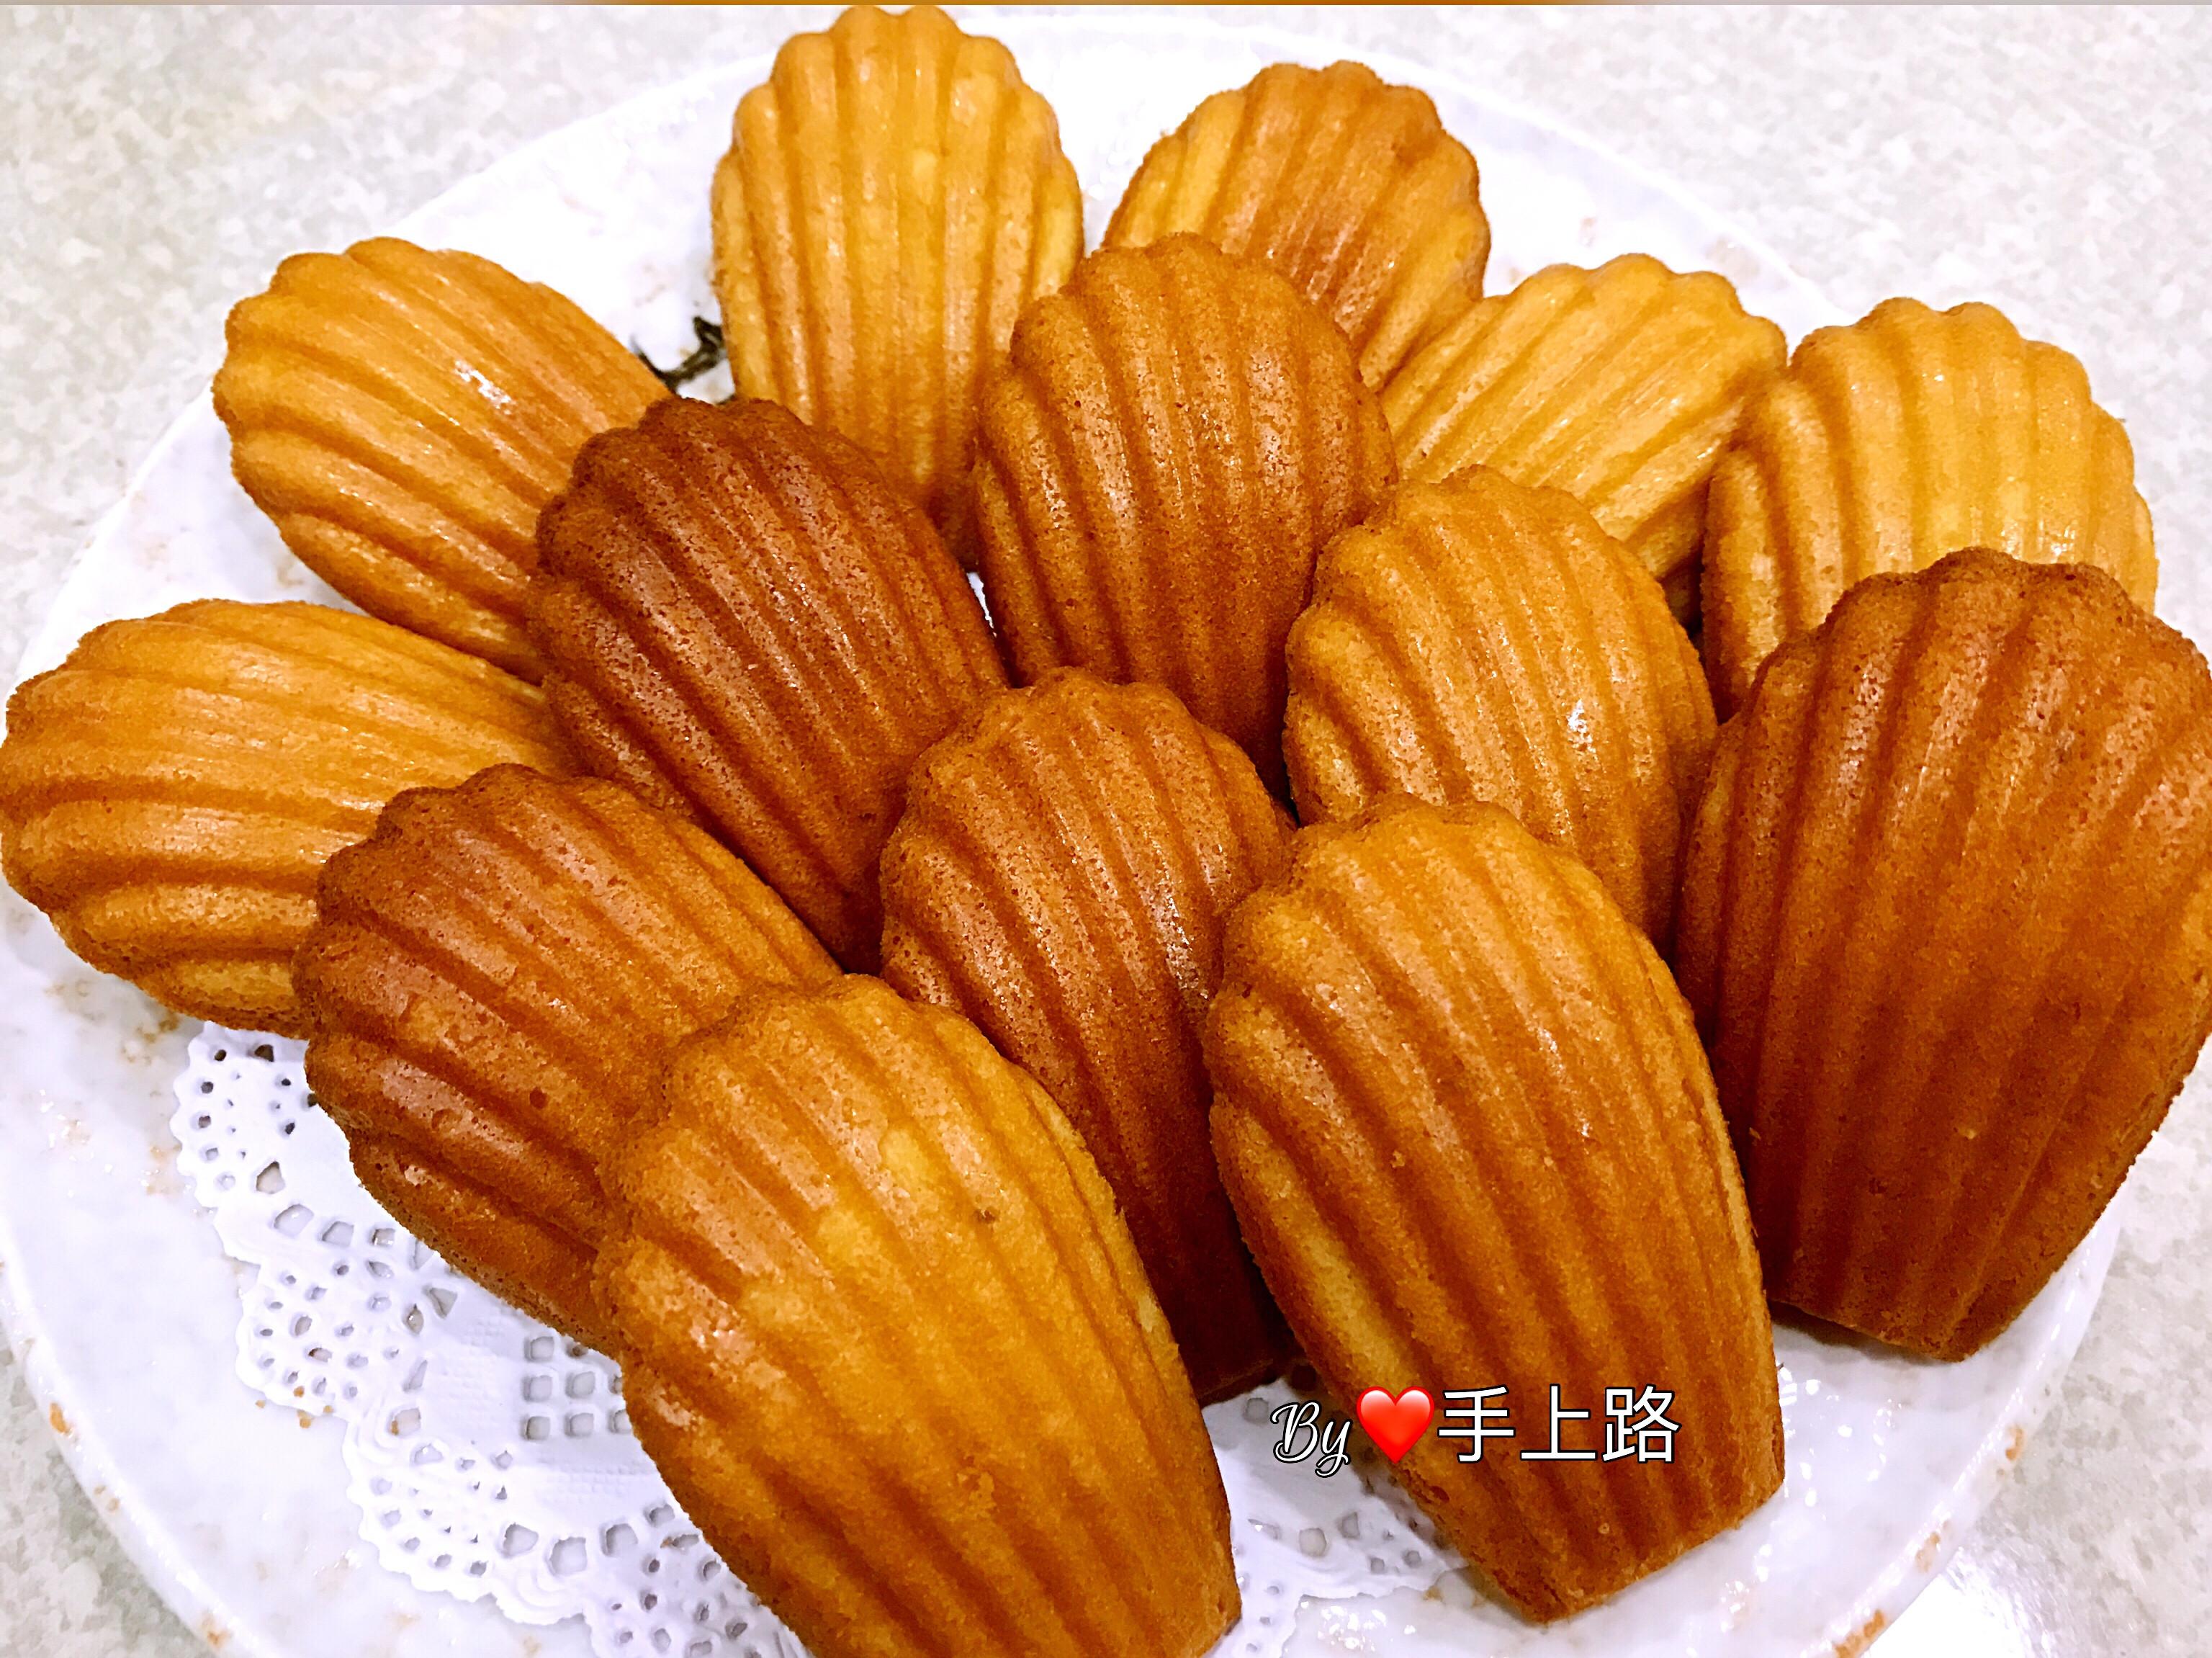 低熱量椰子油版《檸檬瑪德蓮蛋糕》